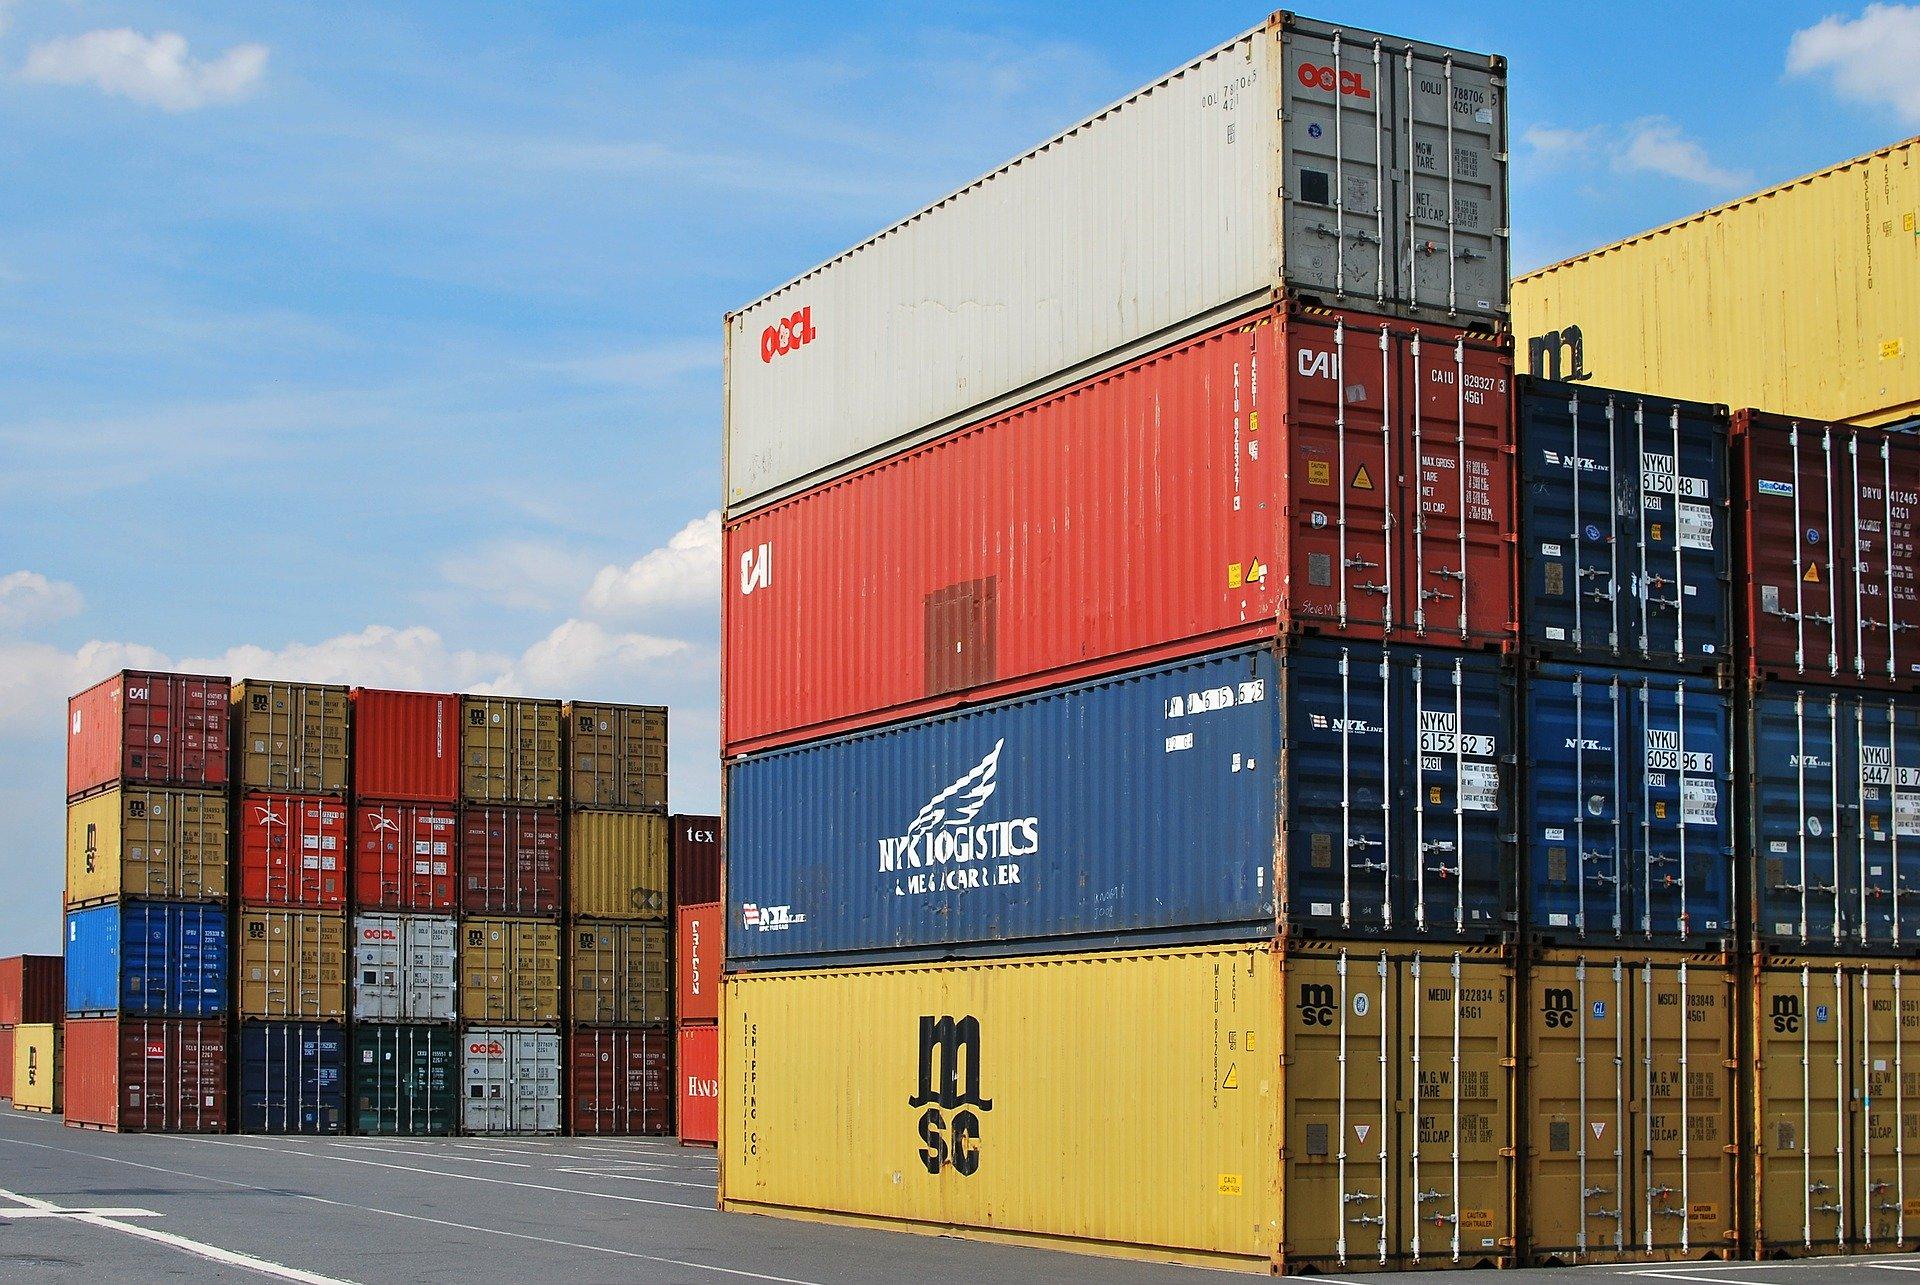 Des containers entassés dans un port. Image d'illustration © Pixabay